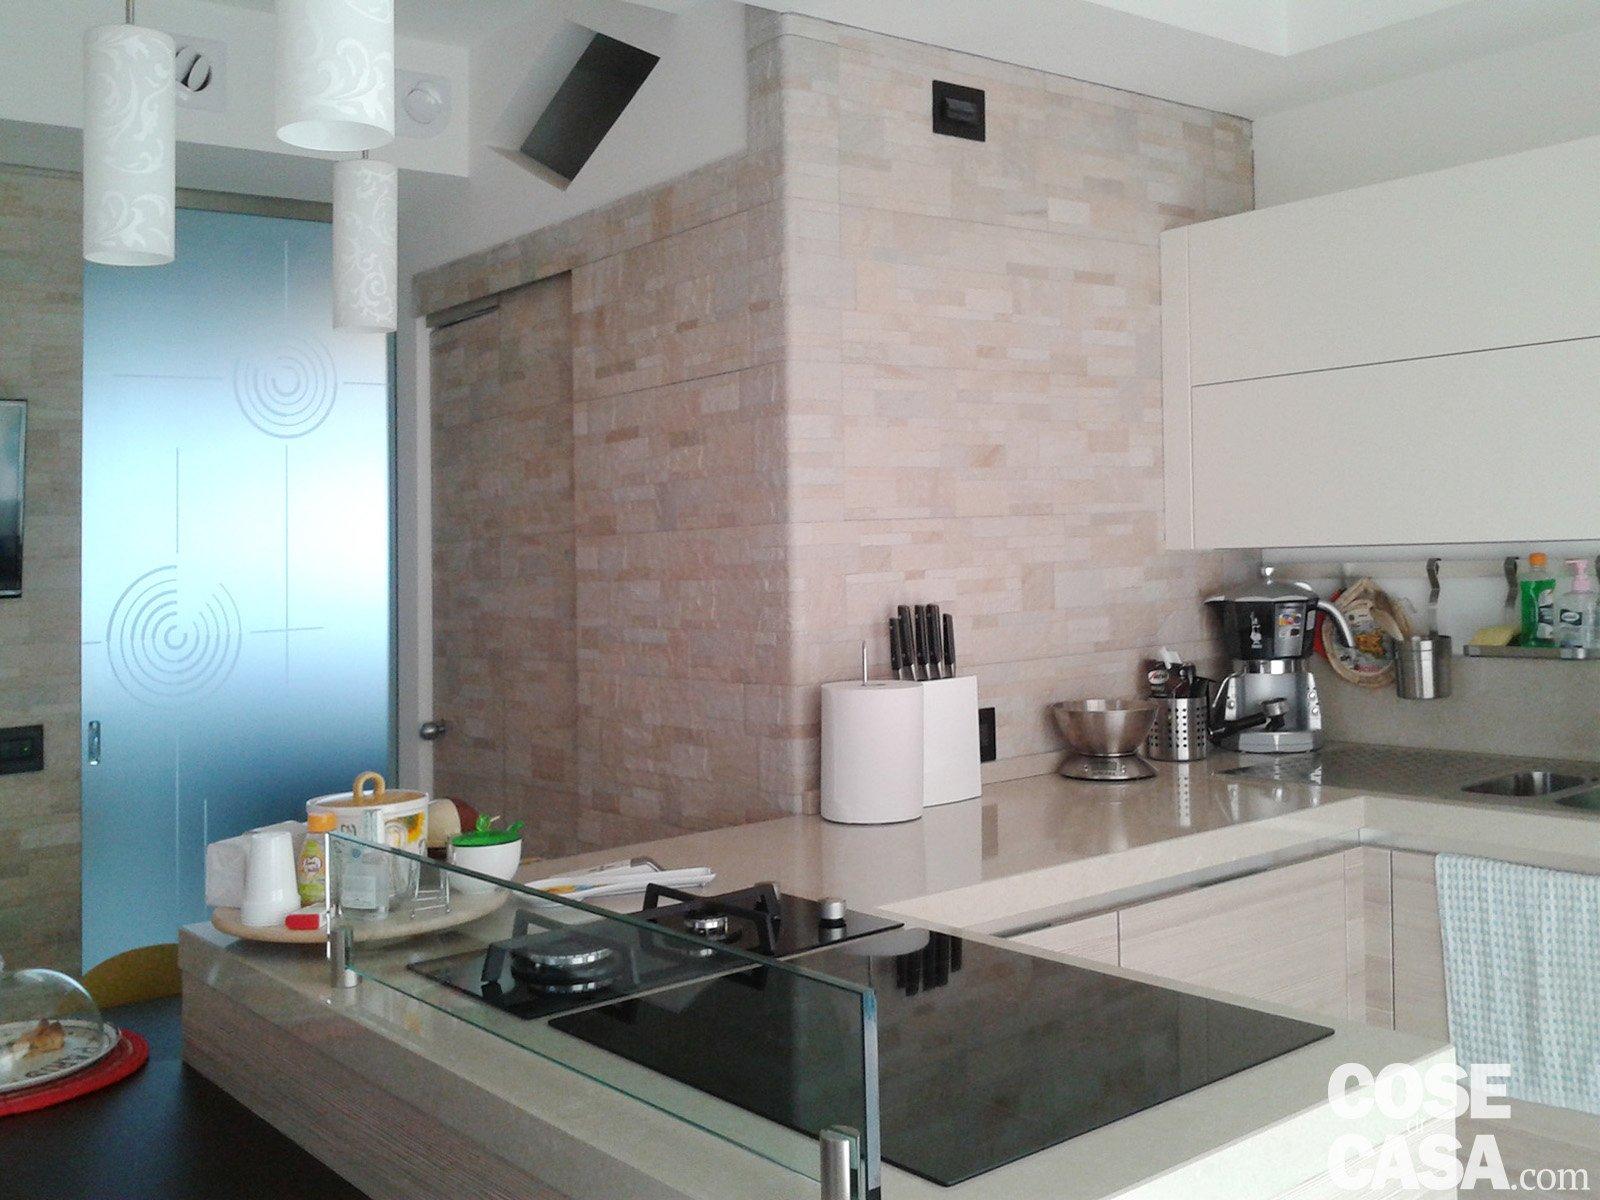 Foto2 cucina con rivestimento in pietra e porta scorrevole tutto vetro tutta altezza cose di casa - Rivestimento piano cucina ...